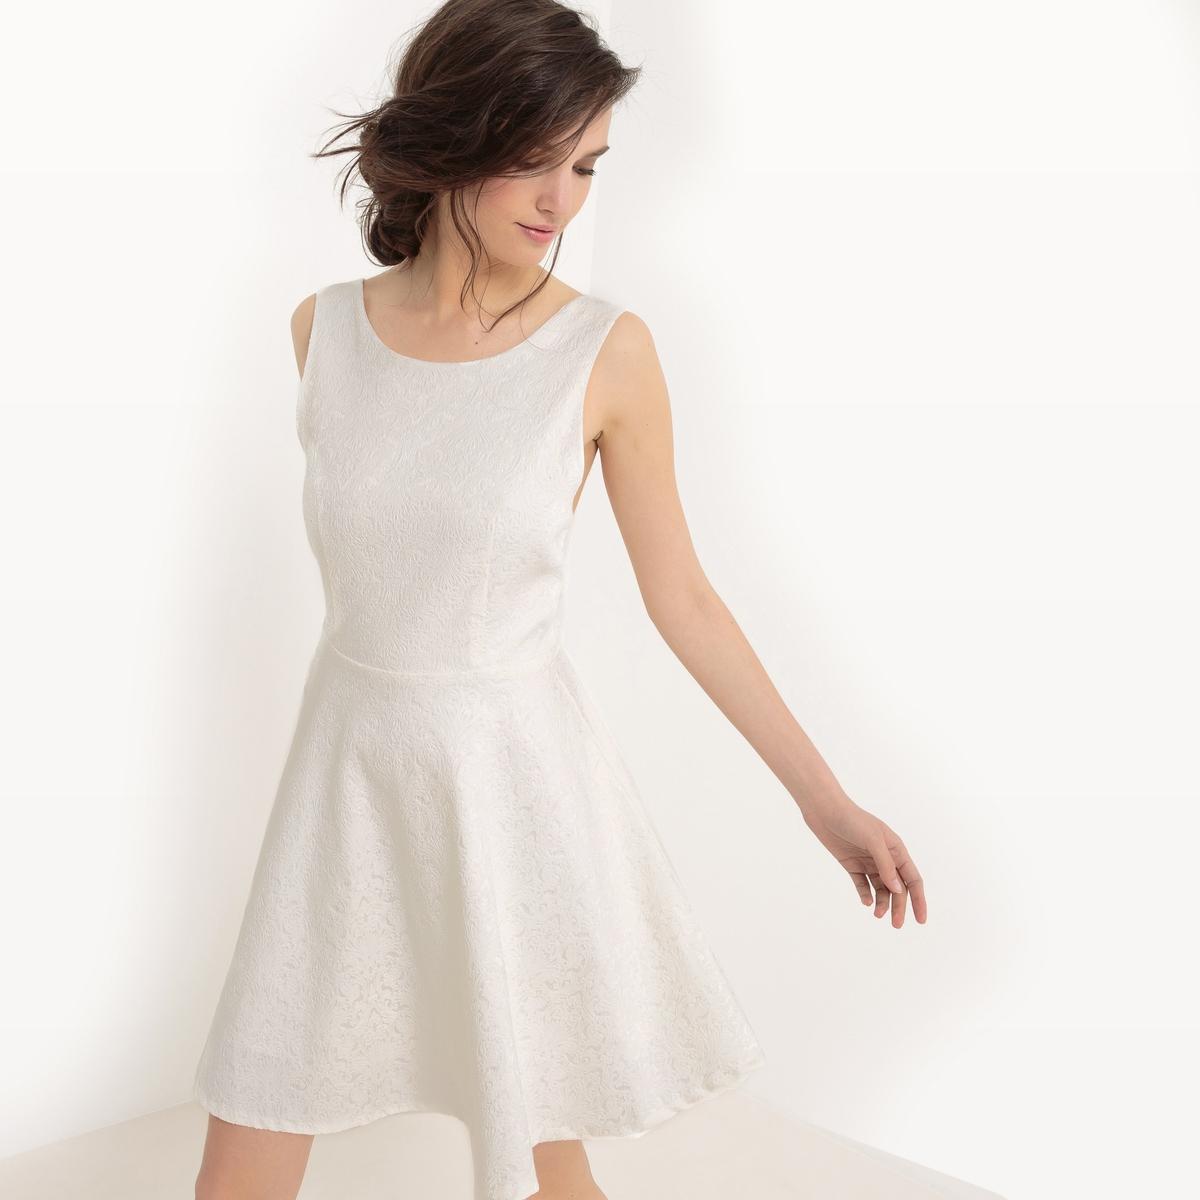 Платье короткое, без рукавовДетали •  Форма : прямая •  короткое  •  Без рукавов    •   V-образный вырезСостав и уход •  30% хлопка, 3% эластана, 67% полиэстера   •  Следуйте советам по уходу, указанным на этикетке<br><br>Цвет: экрю